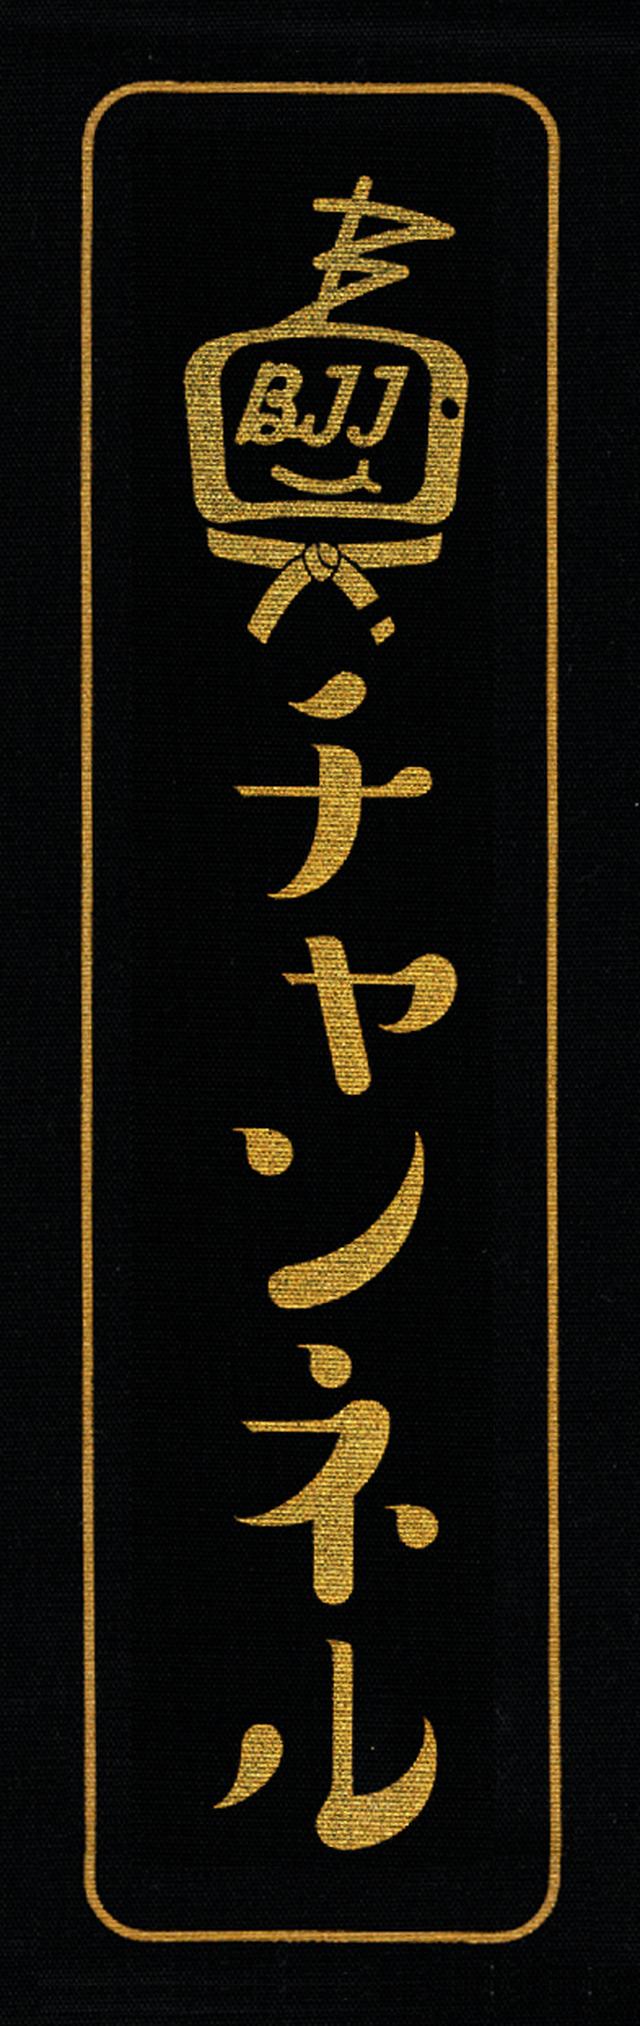 ニューモデル BJJ チャンネルパッチ カタカナ 縦長 カラー黒地に金